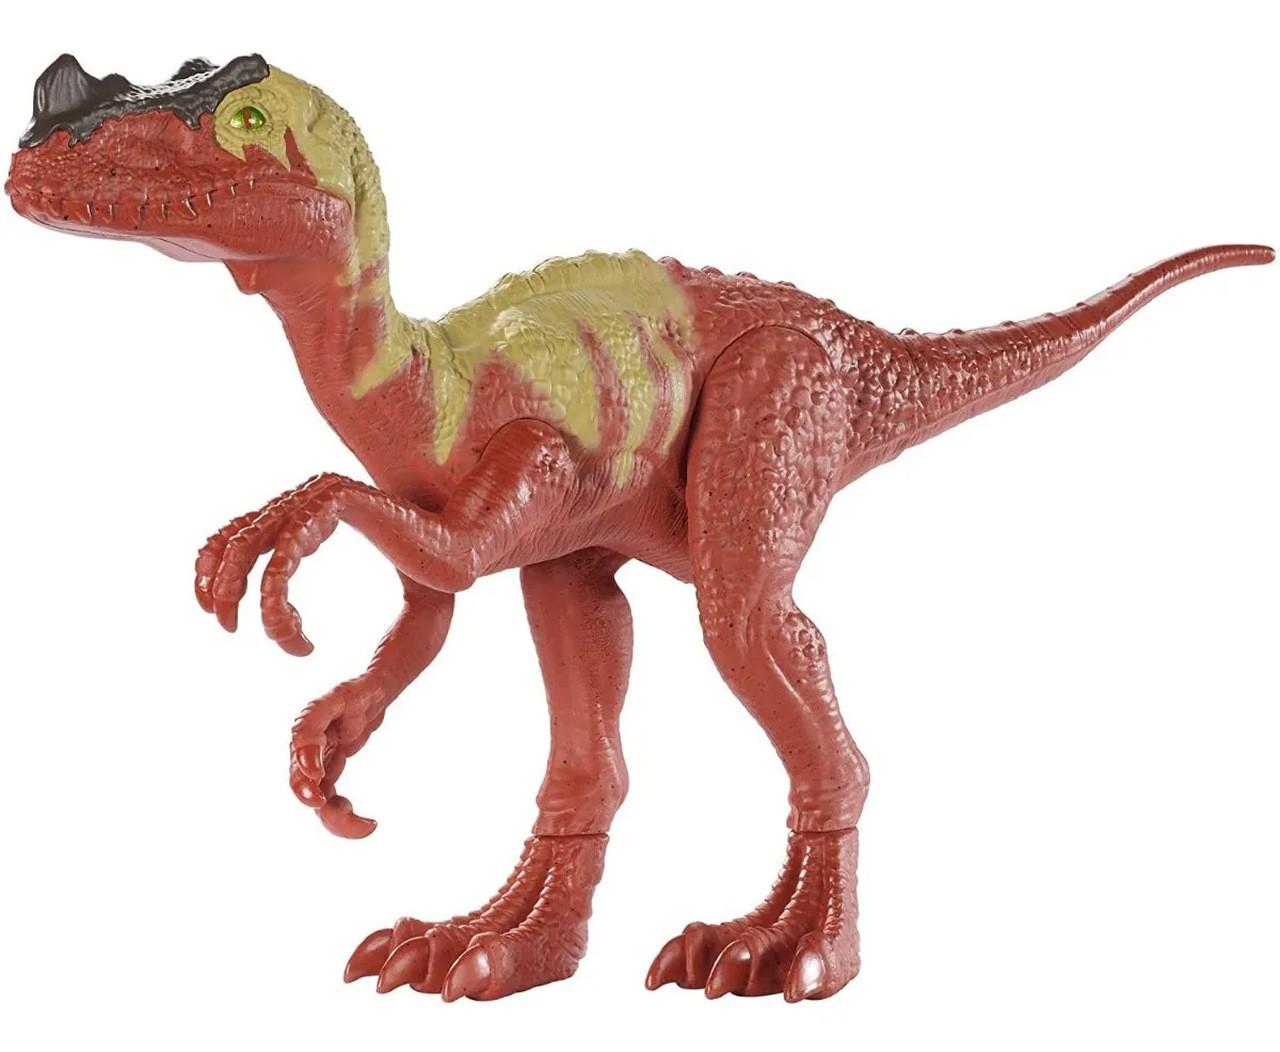 Boneco Dinossauro Proceratosaurus Jurassic World Vermelho